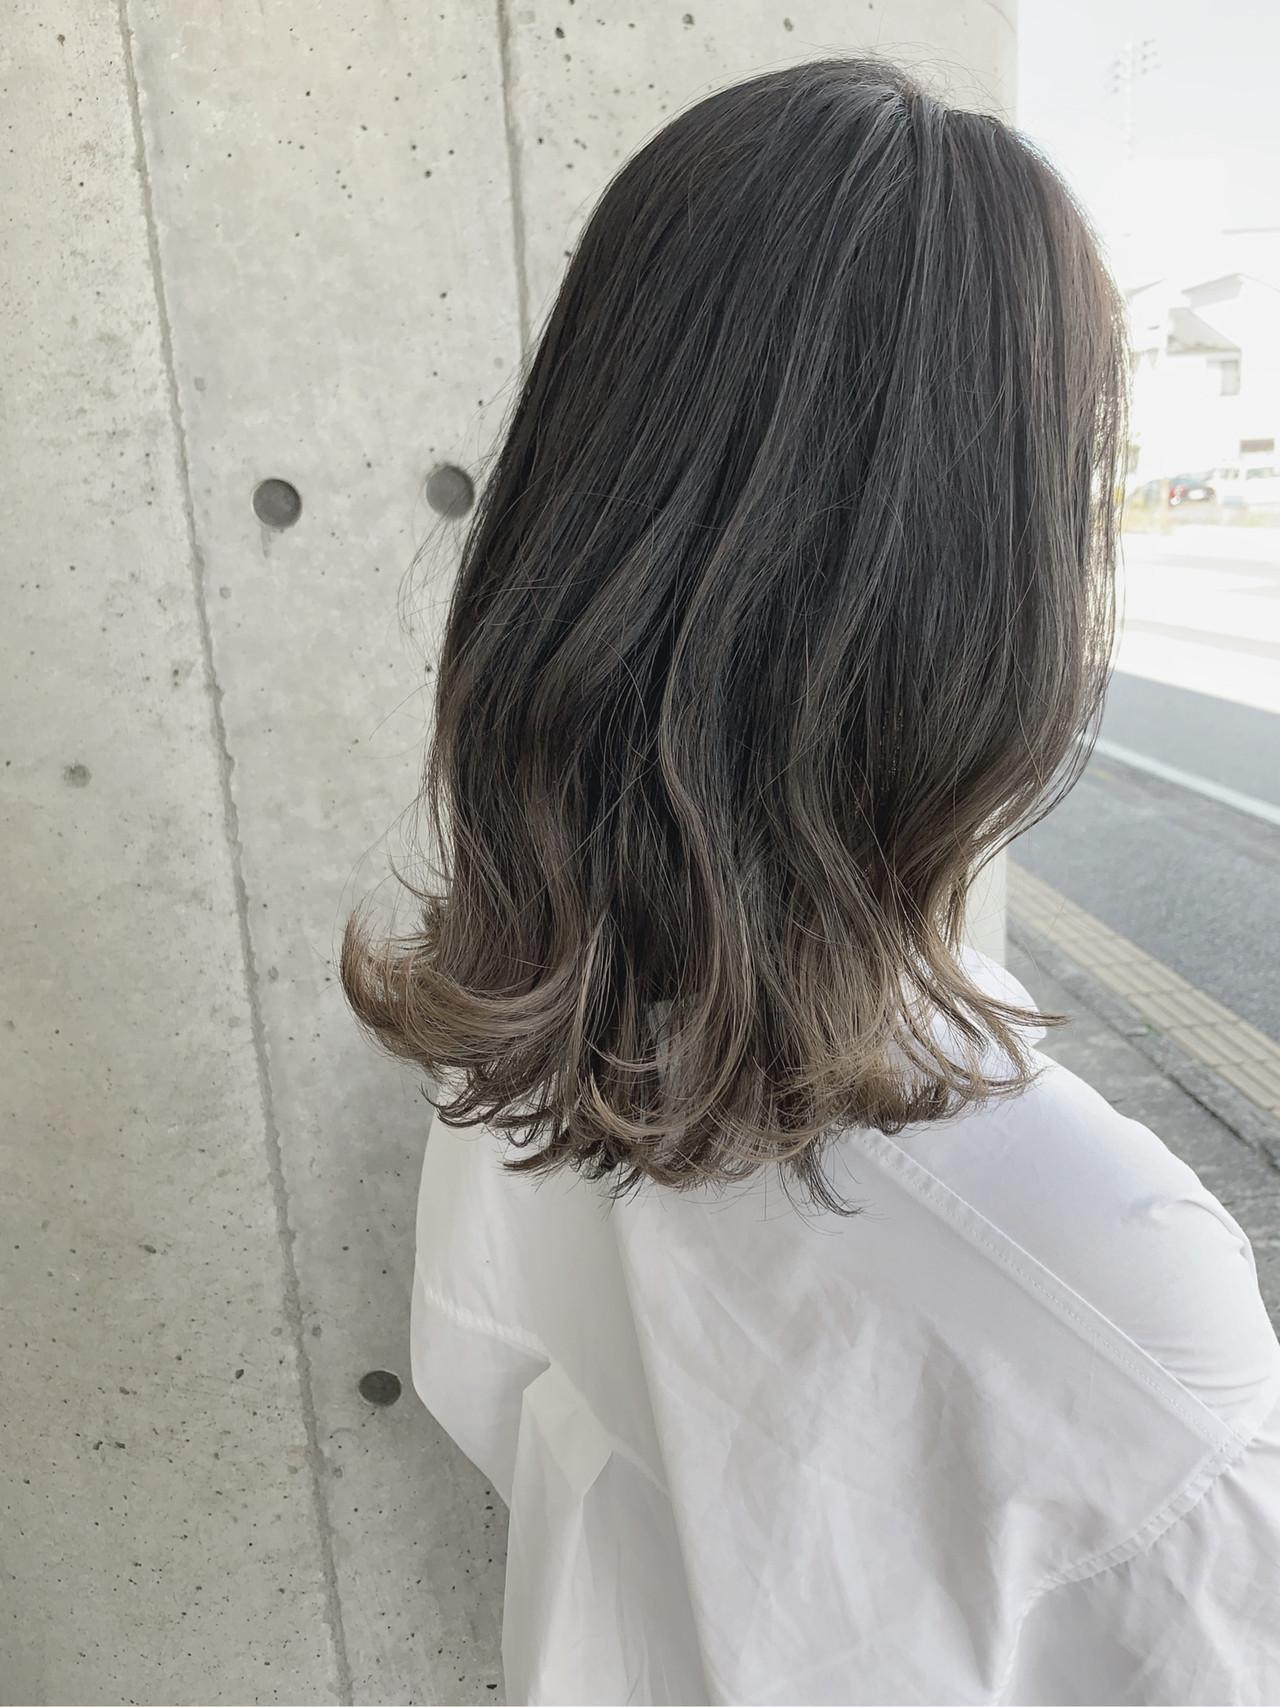 グラデーションカラー グレージュ ミディアム 透明感カラー ヘアスタイルや髪型の写真・画像